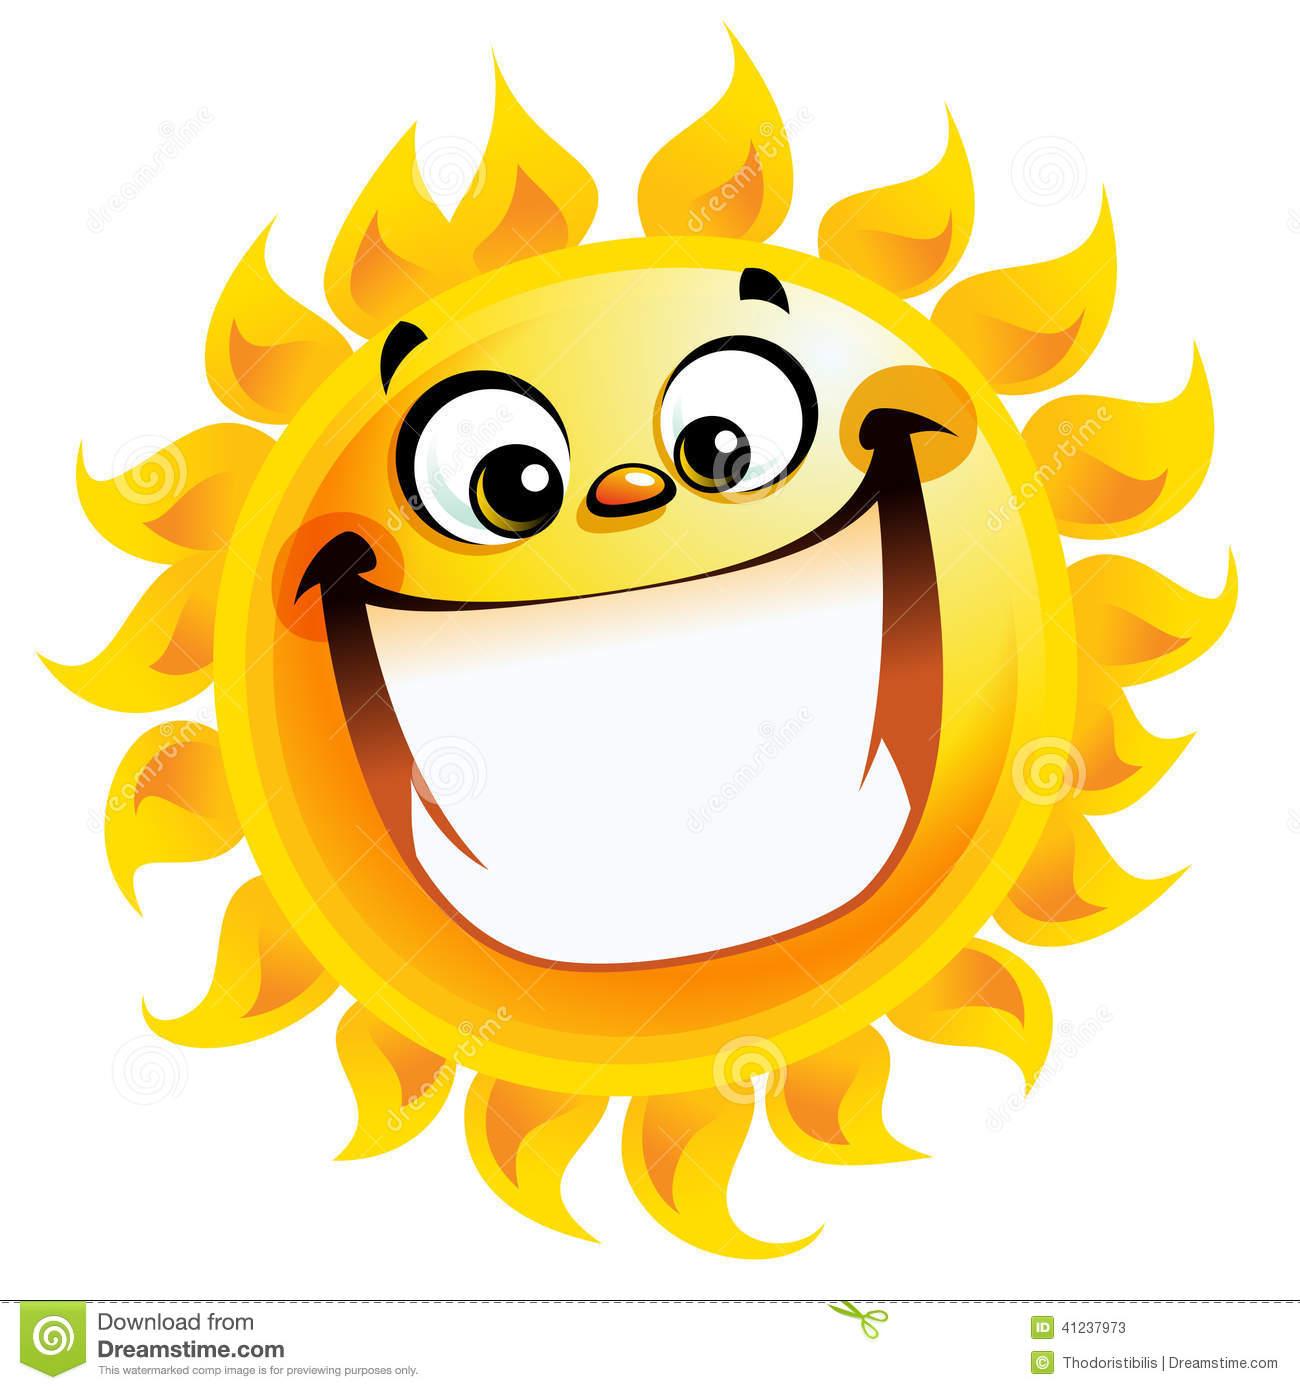 le-soleil-extrêmement-heureux-de-jaune-de-bande-dessinée-excité-le-sourire-de-caractère-41237973.jpg